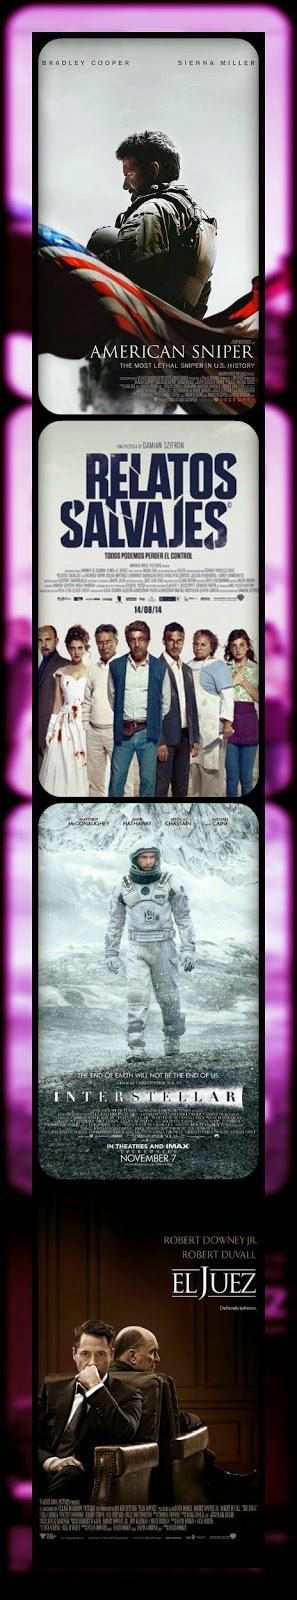 Nominados-premios-oscar-2015-Warner-Bros-Pictures